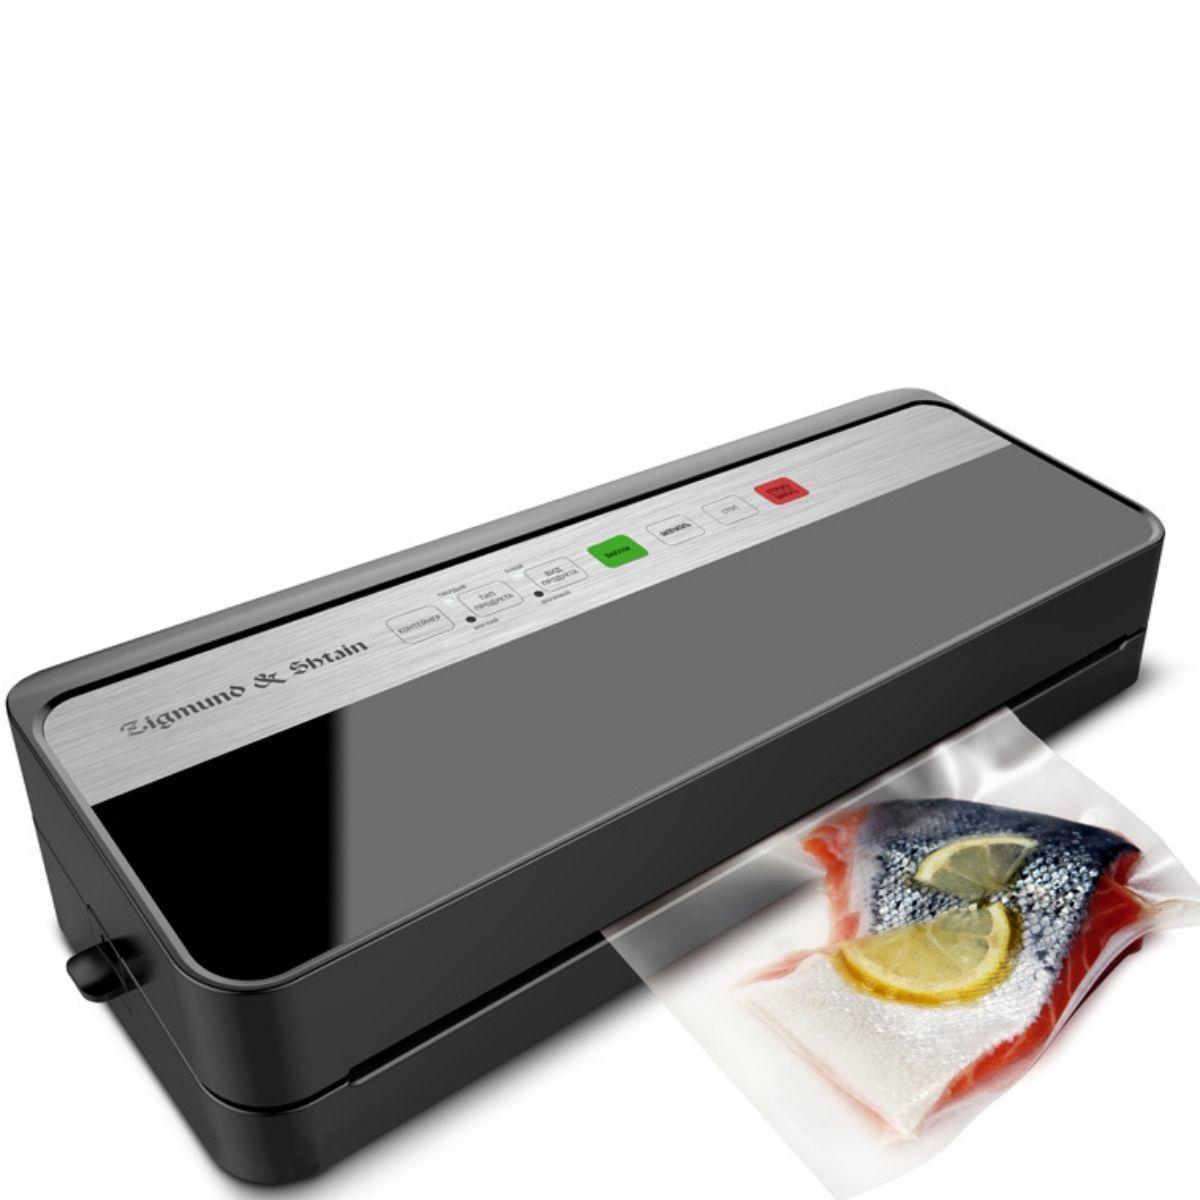 Вакуумный упаковщик Zigmund & Shtain Kuchen-Profi VS-501 (упаковывает жидкое)